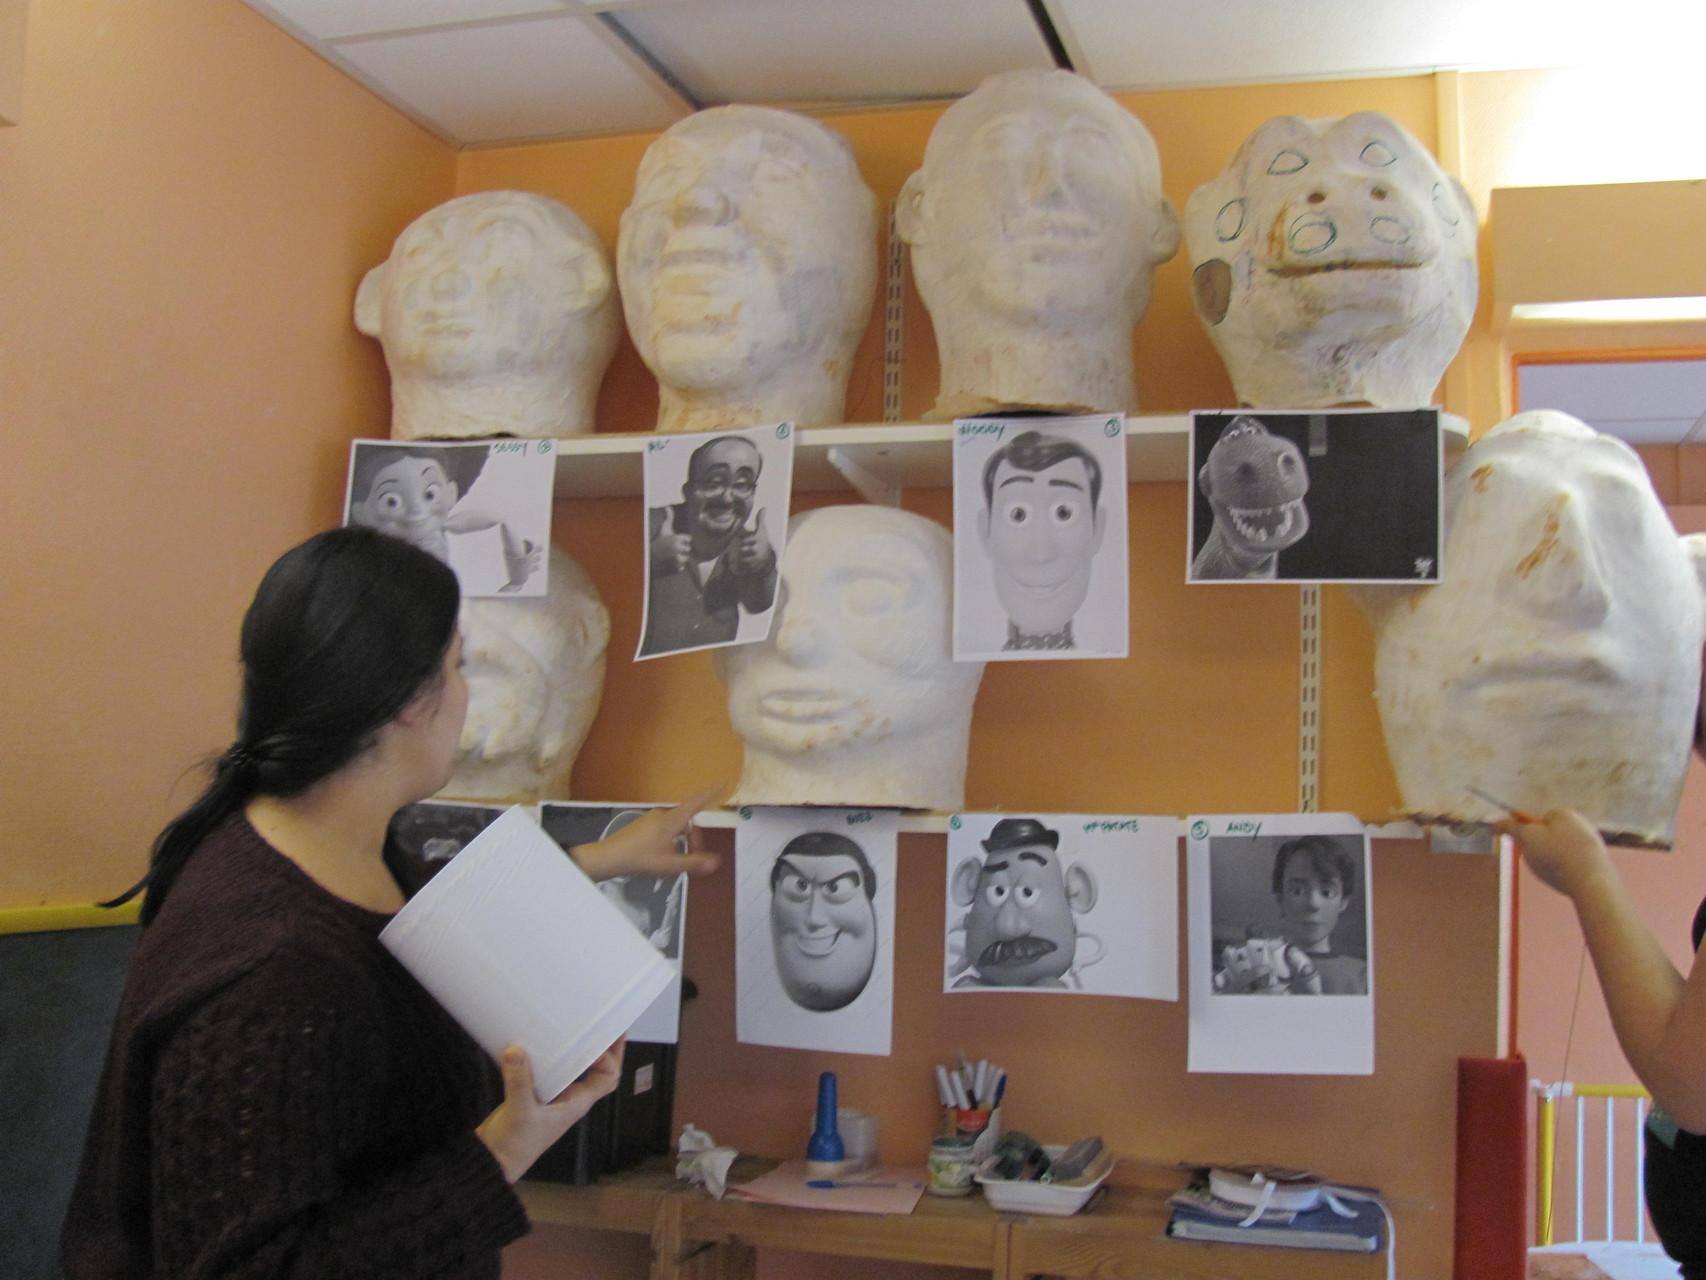 la galerie de masques